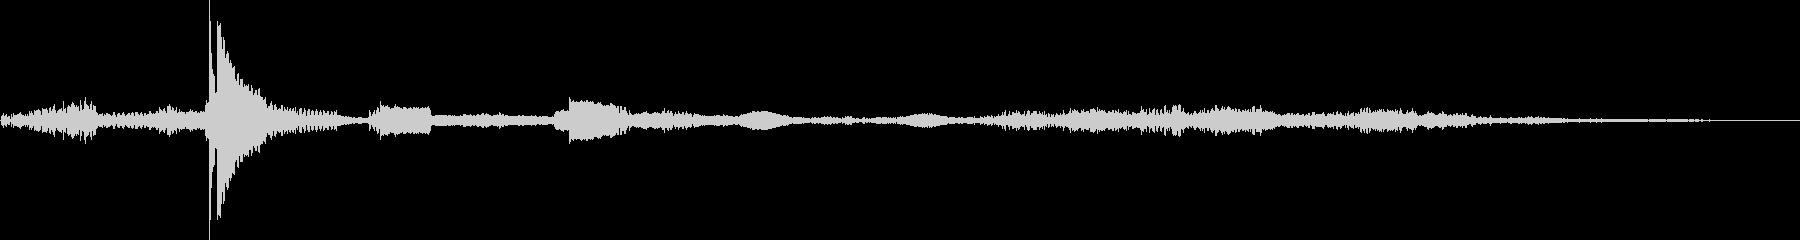 コンピューターボタンを押して確認1の未再生の波形